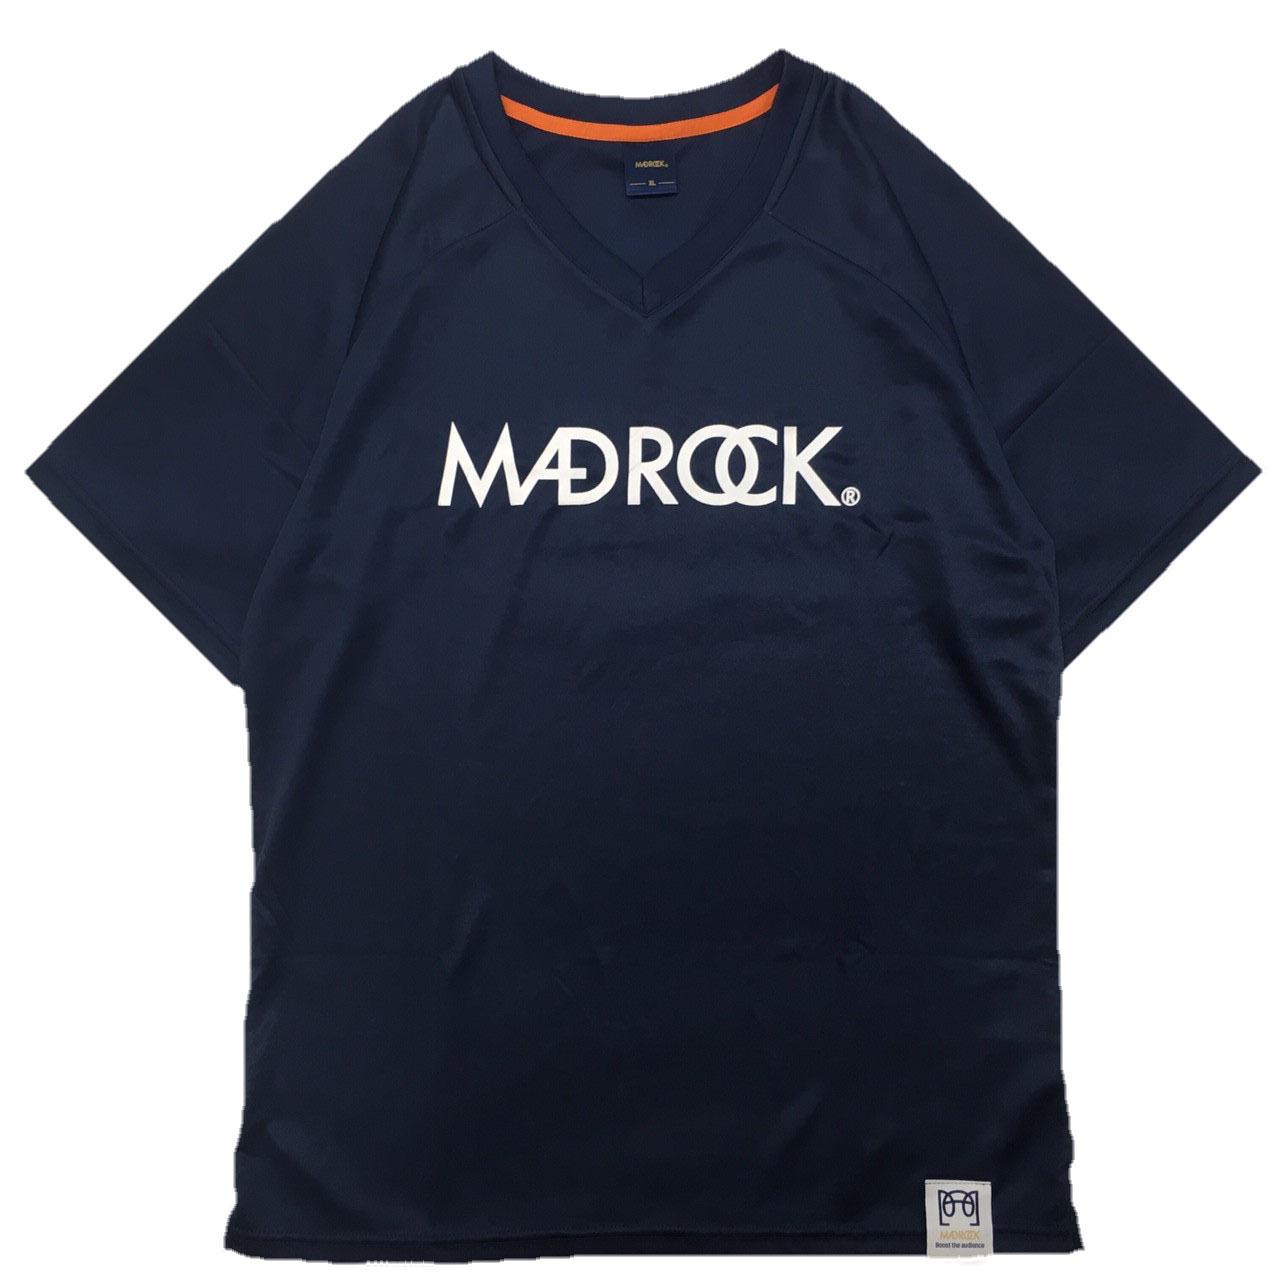 【再入荷】マッドロック / ベーシックトレーニングシャツ / ドライタイプ / ネイビー